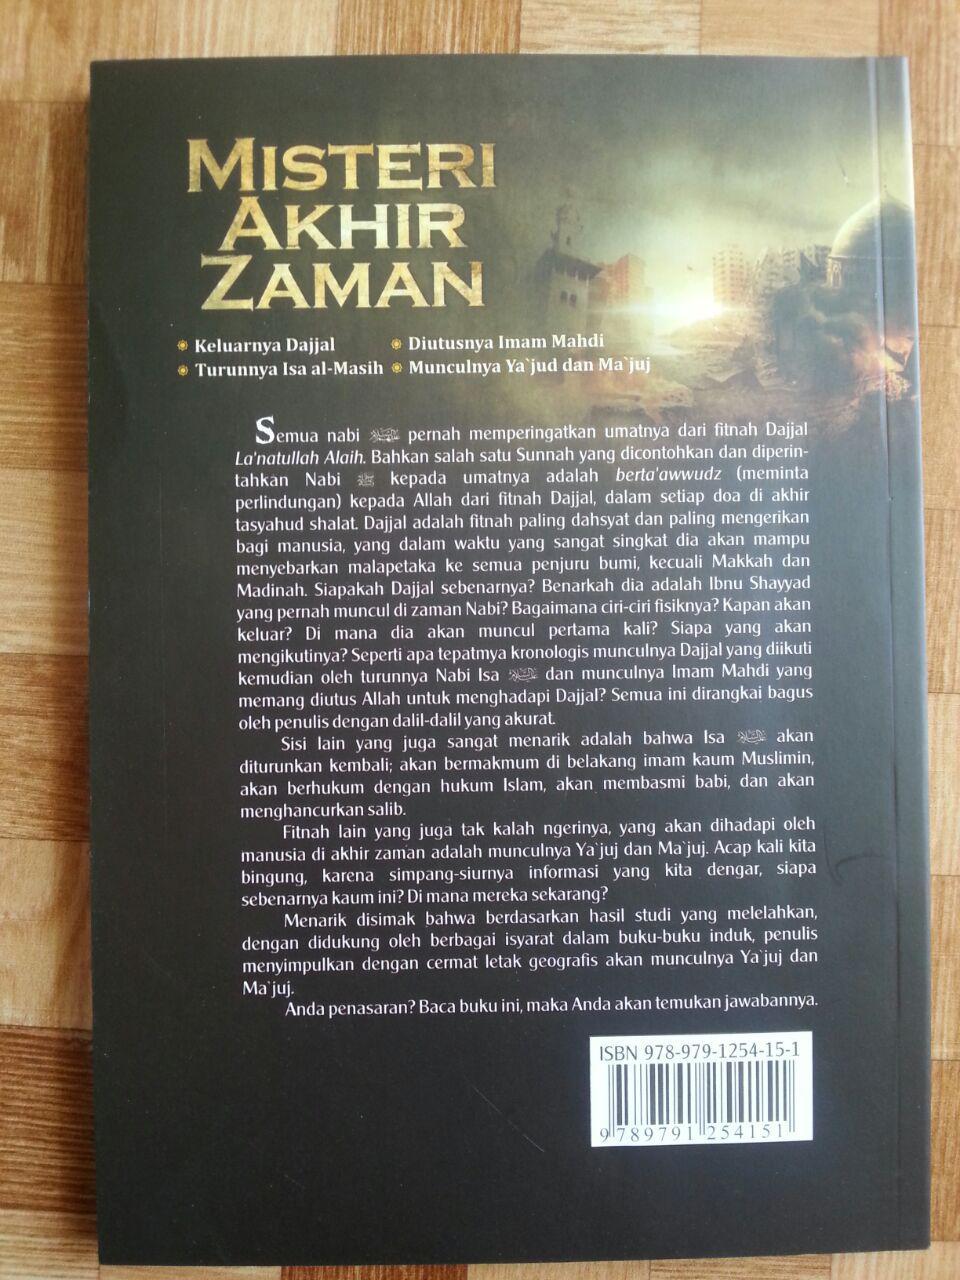 Buku Misteri Akhir Zaman cover